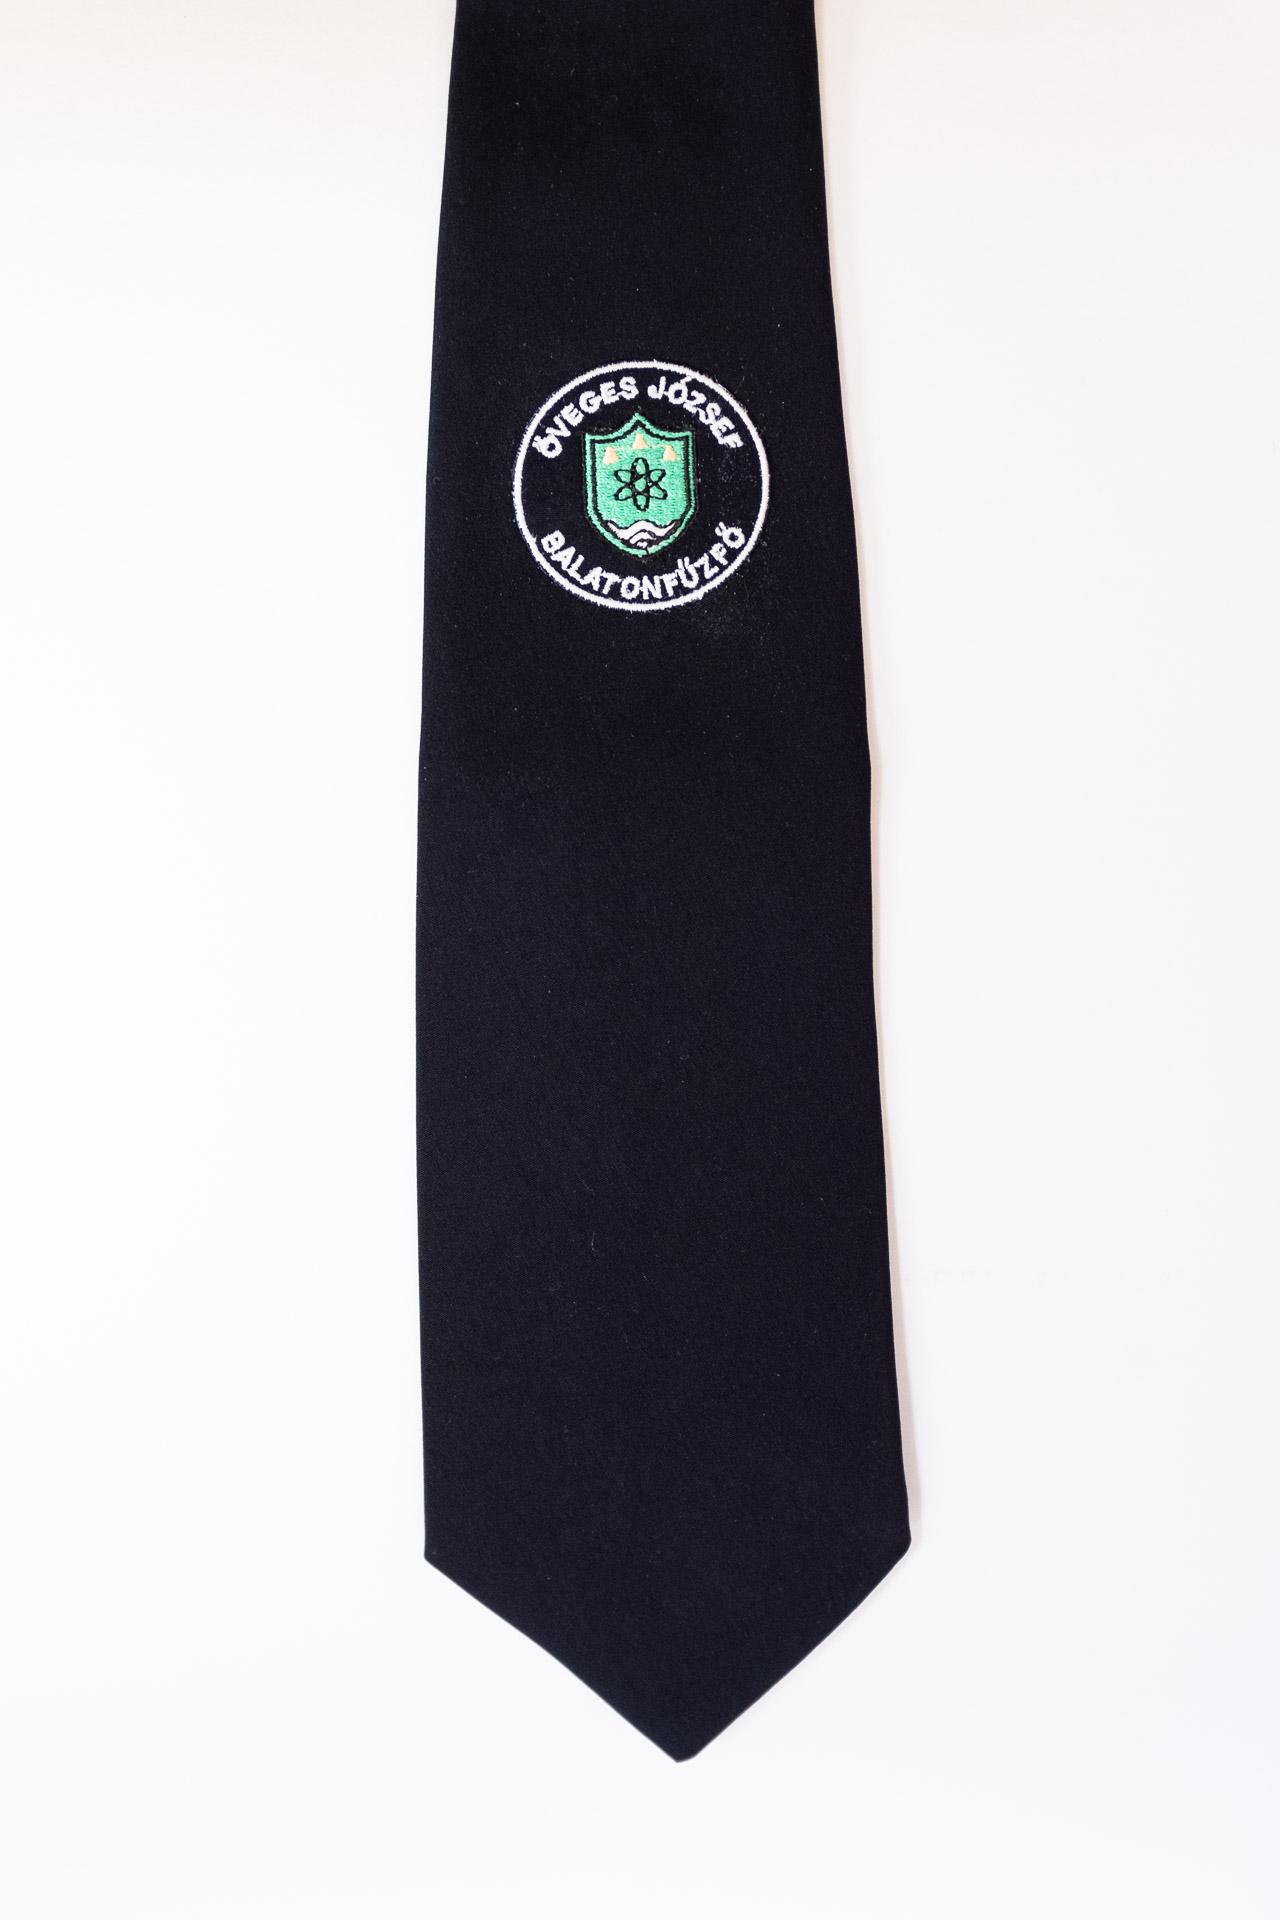 519dafc902 Hímzett iskolai emblémás sötétkék férfi ballagási egyen nyakkendő